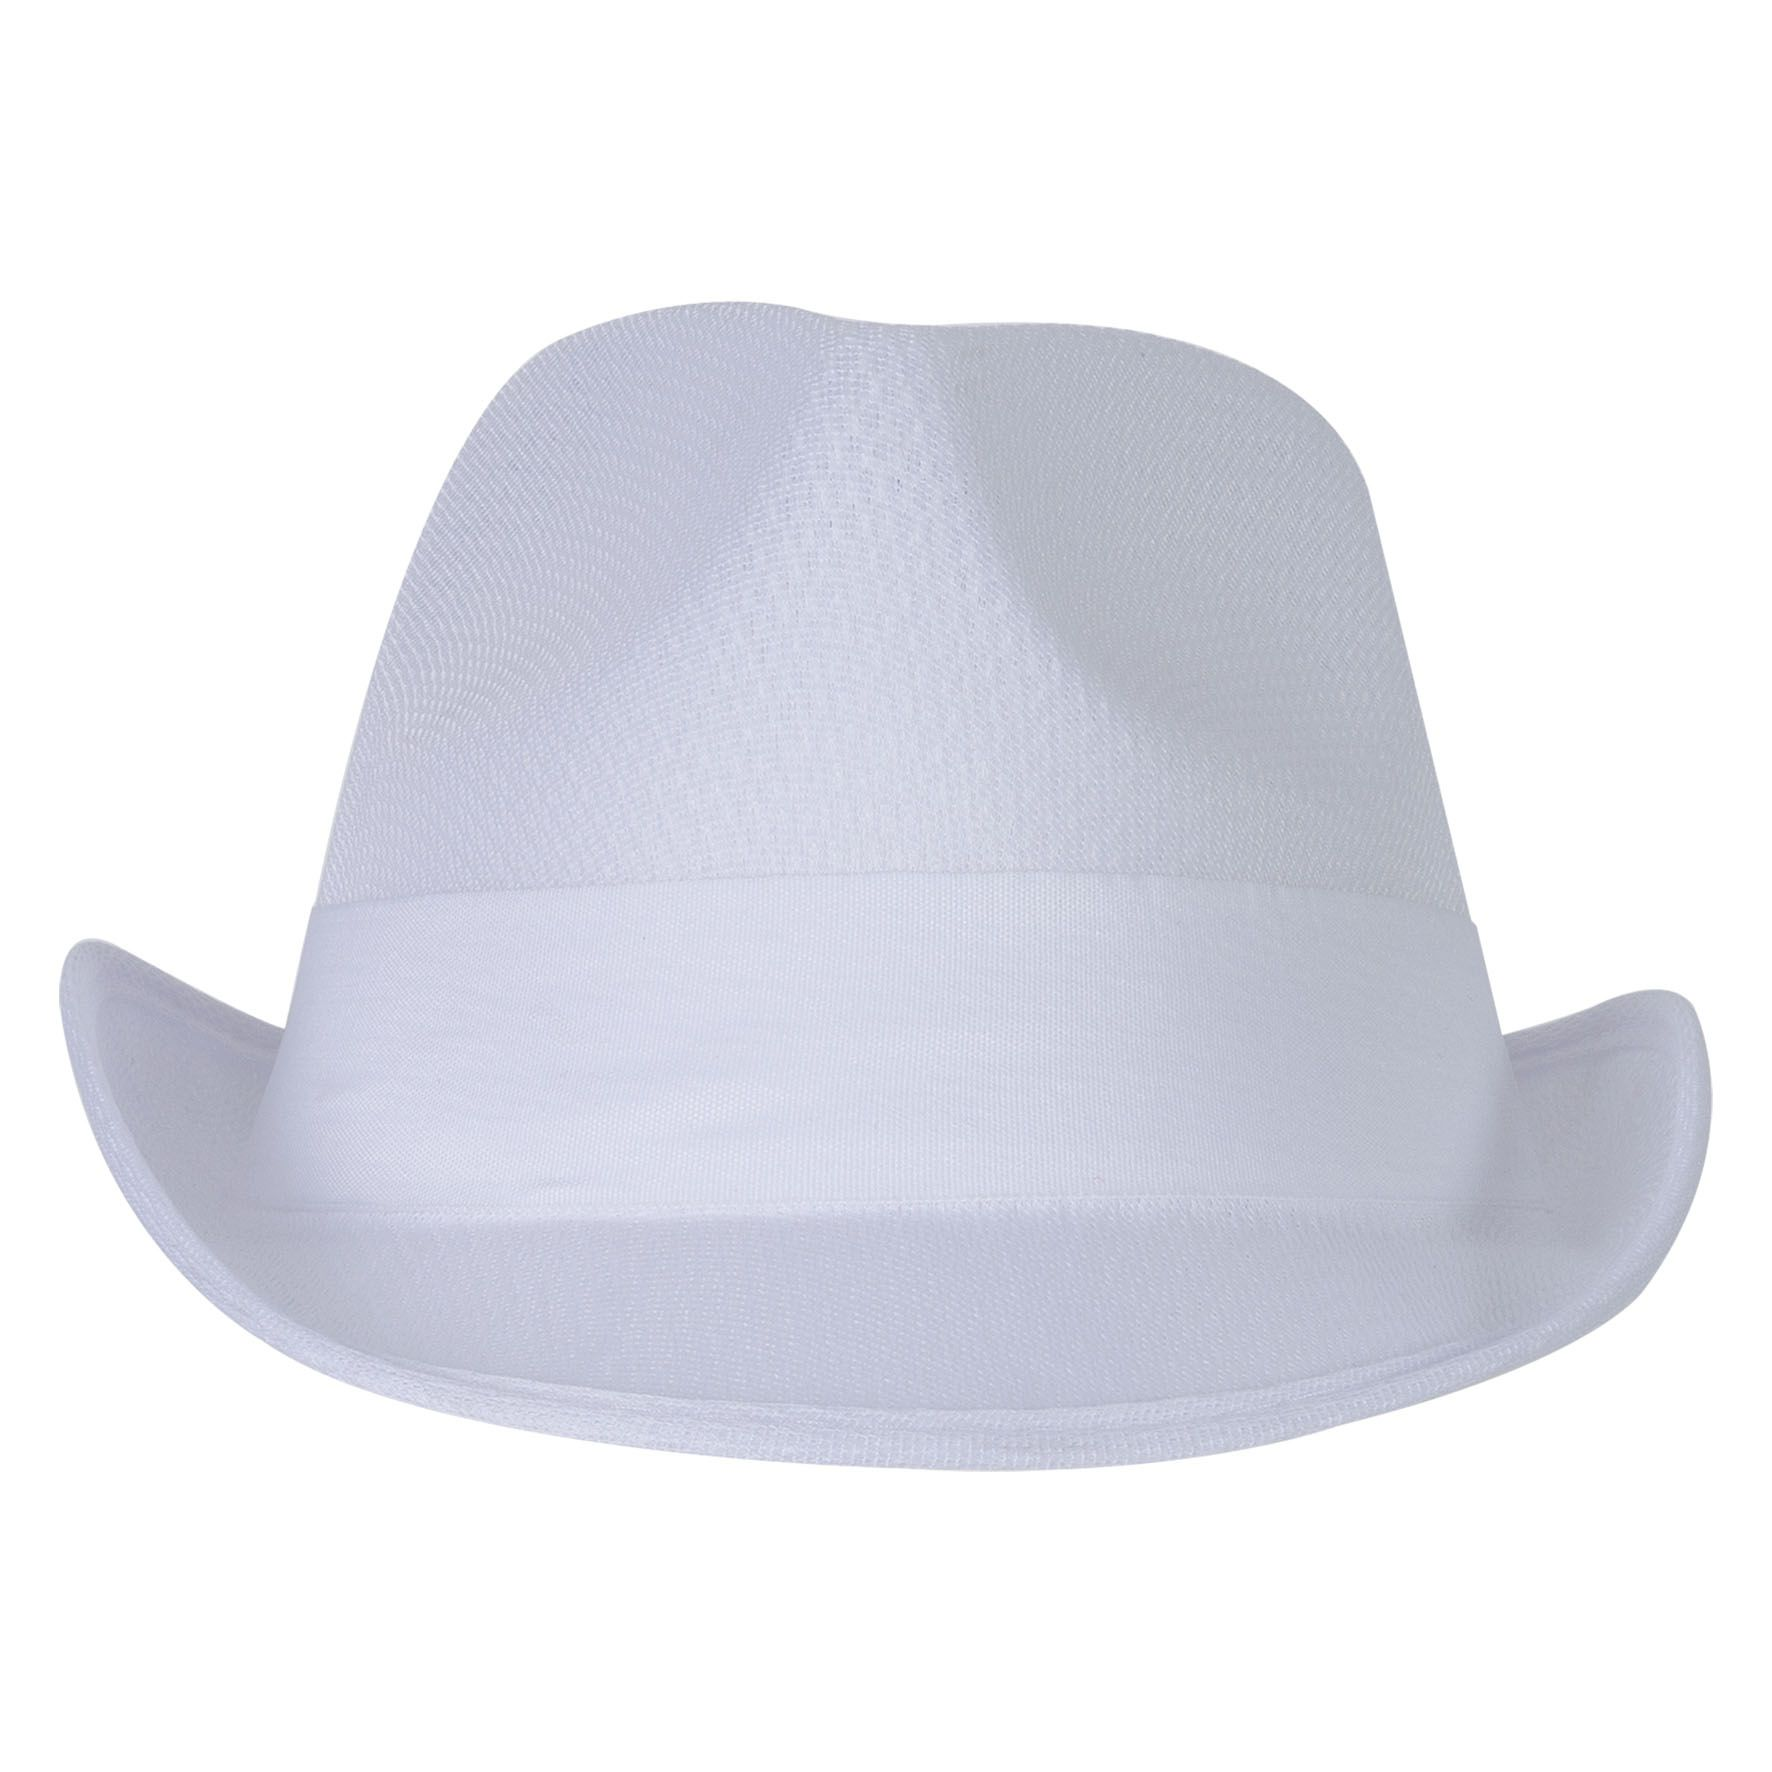 Cadeau d'entreprise - Chapeau publicitaire Panama Evènement - vert